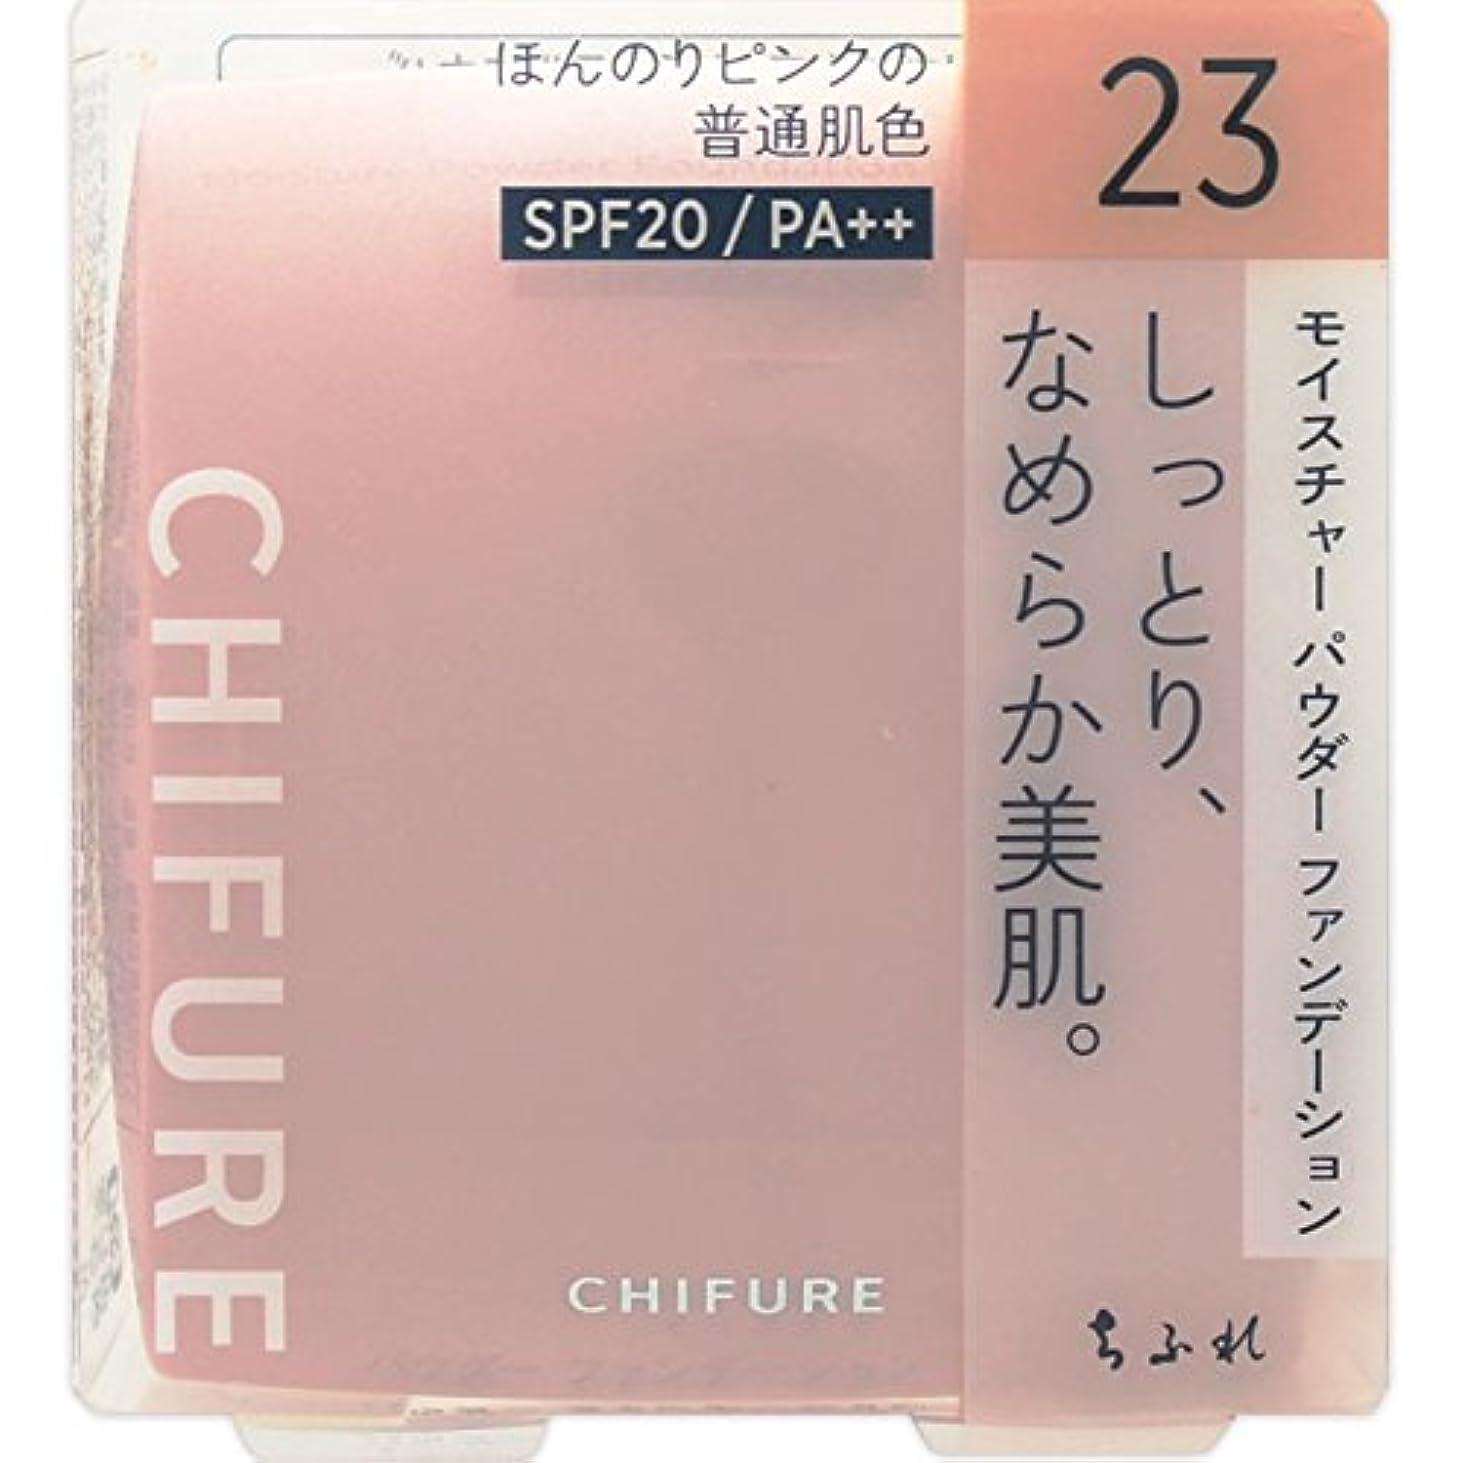 協会スピーカーふざけたちふれ化粧品 モイスチャー パウダーファンデーション(スポンジ入り) 23 ピンクオークル系 MパウダーFD23